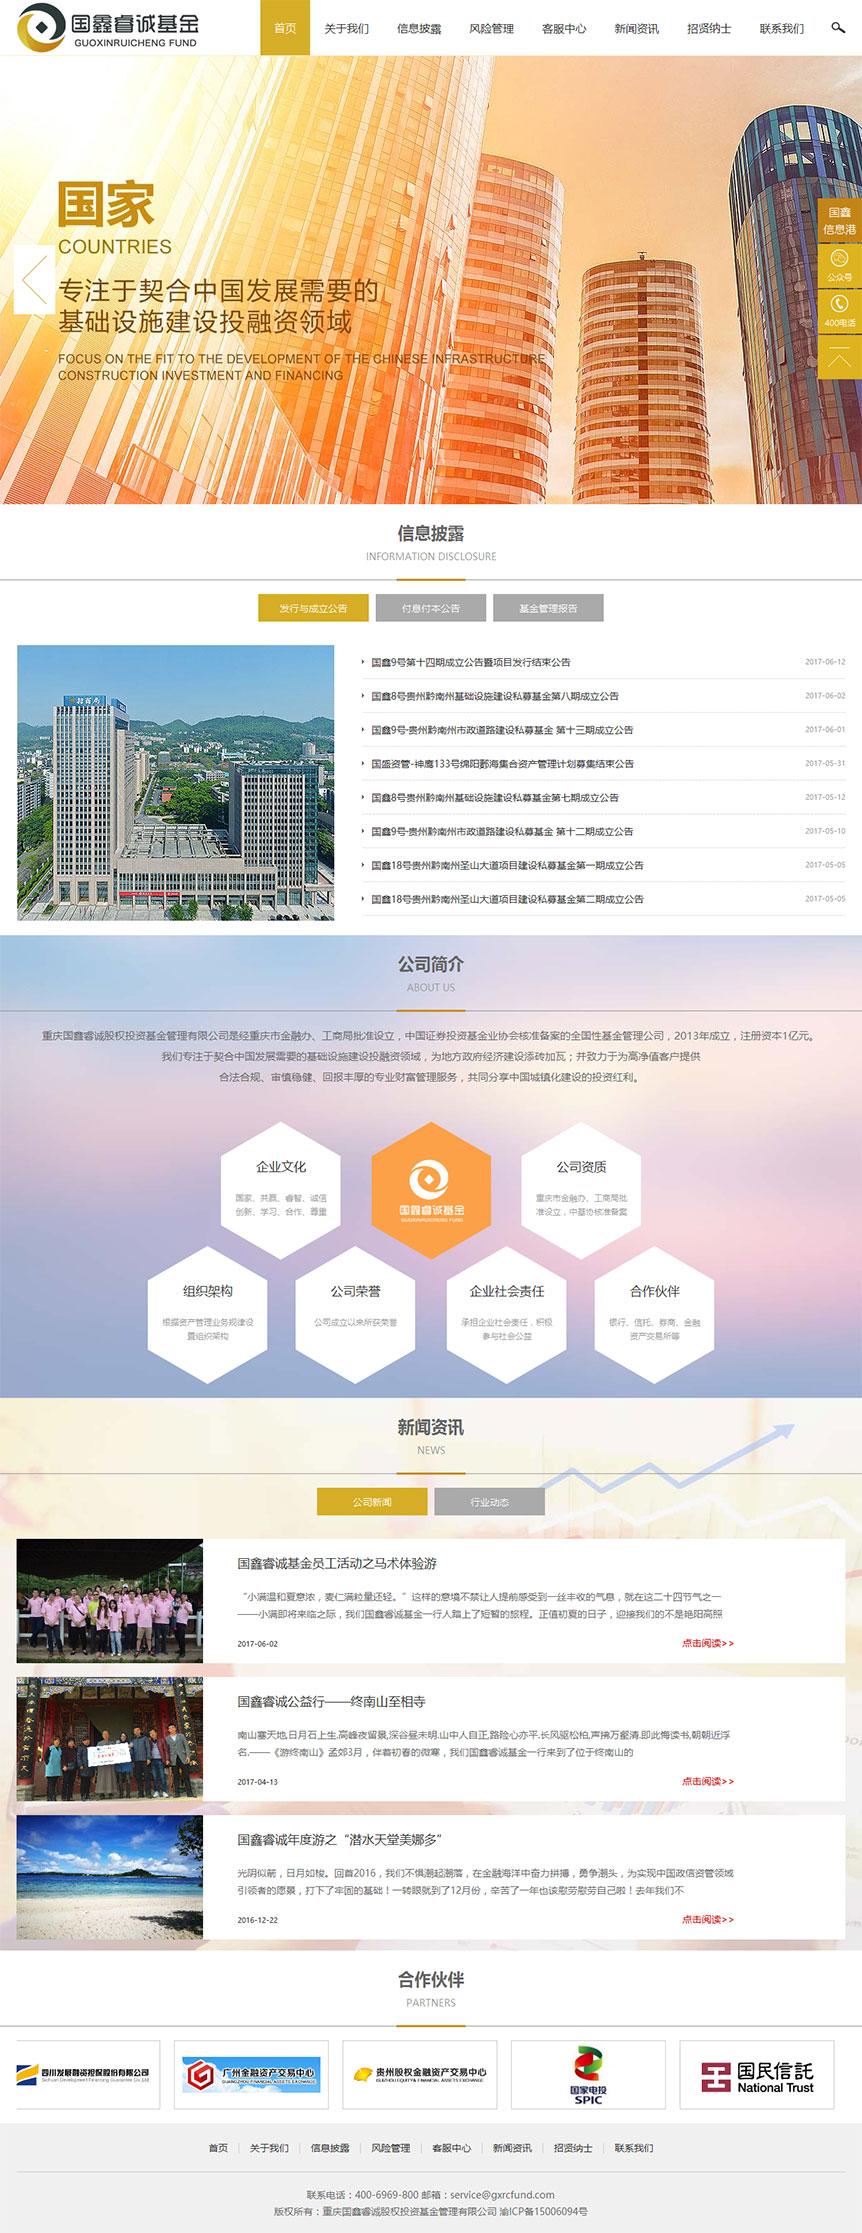 国鑫睿诚基金网站截图